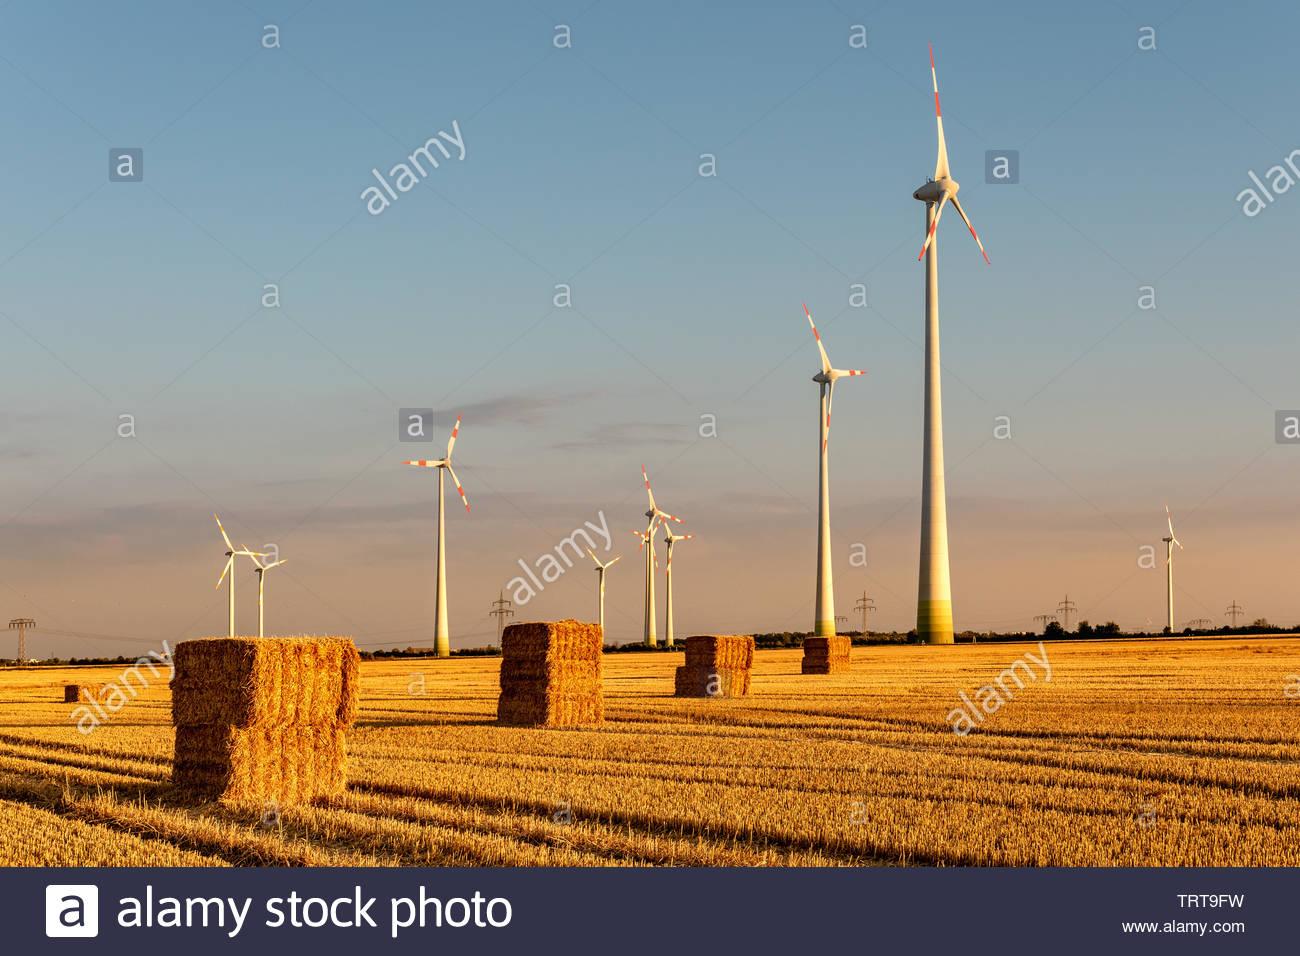 Strohballen und Ernergiegewinnung - Stock Image